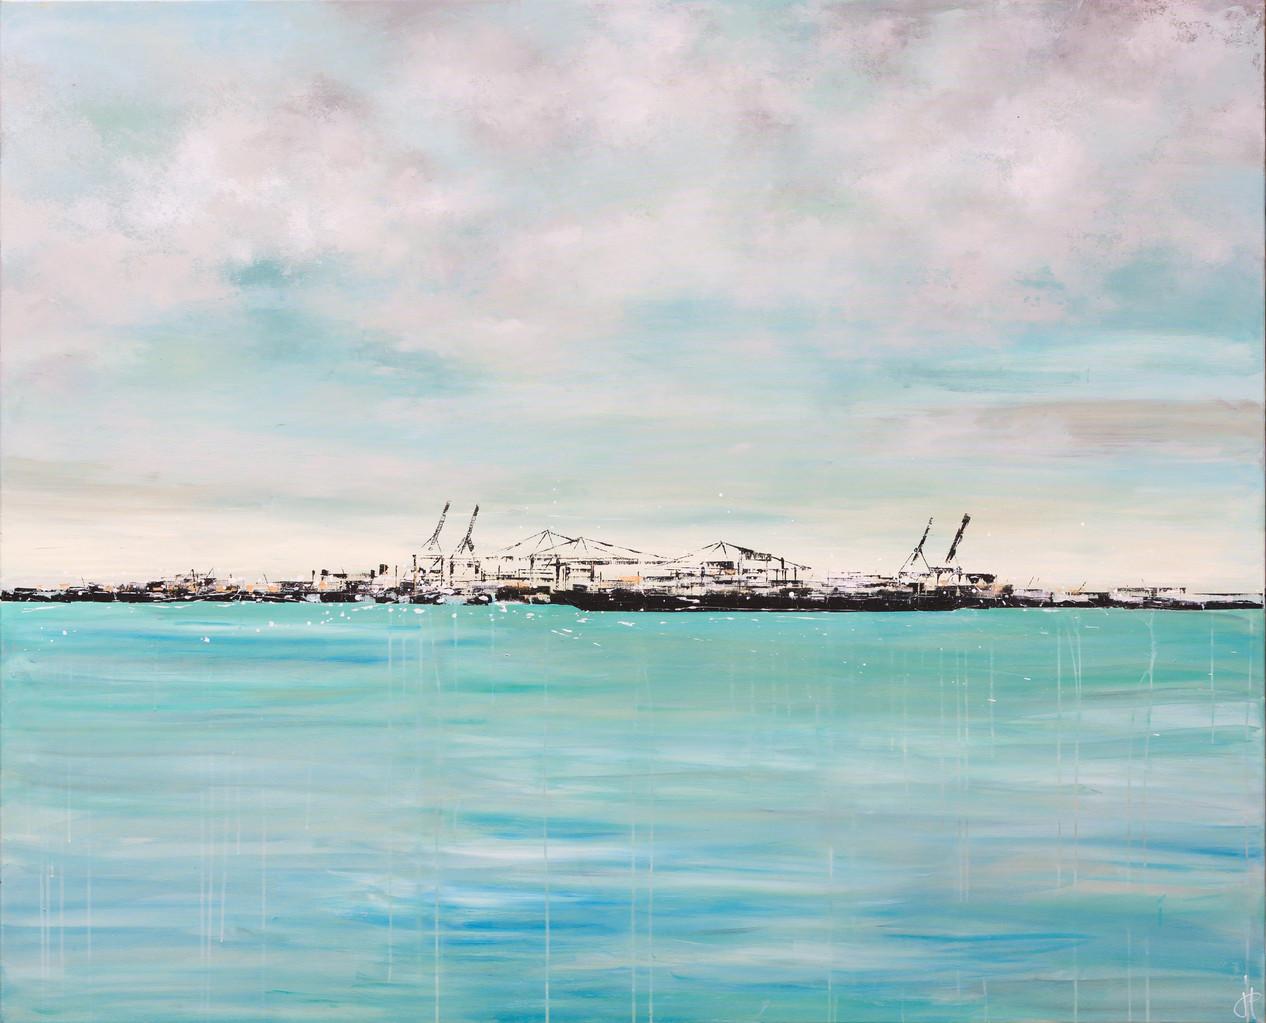 Heimat, 160 cm x 195 cm, Acryl auf Leinwand, 2013